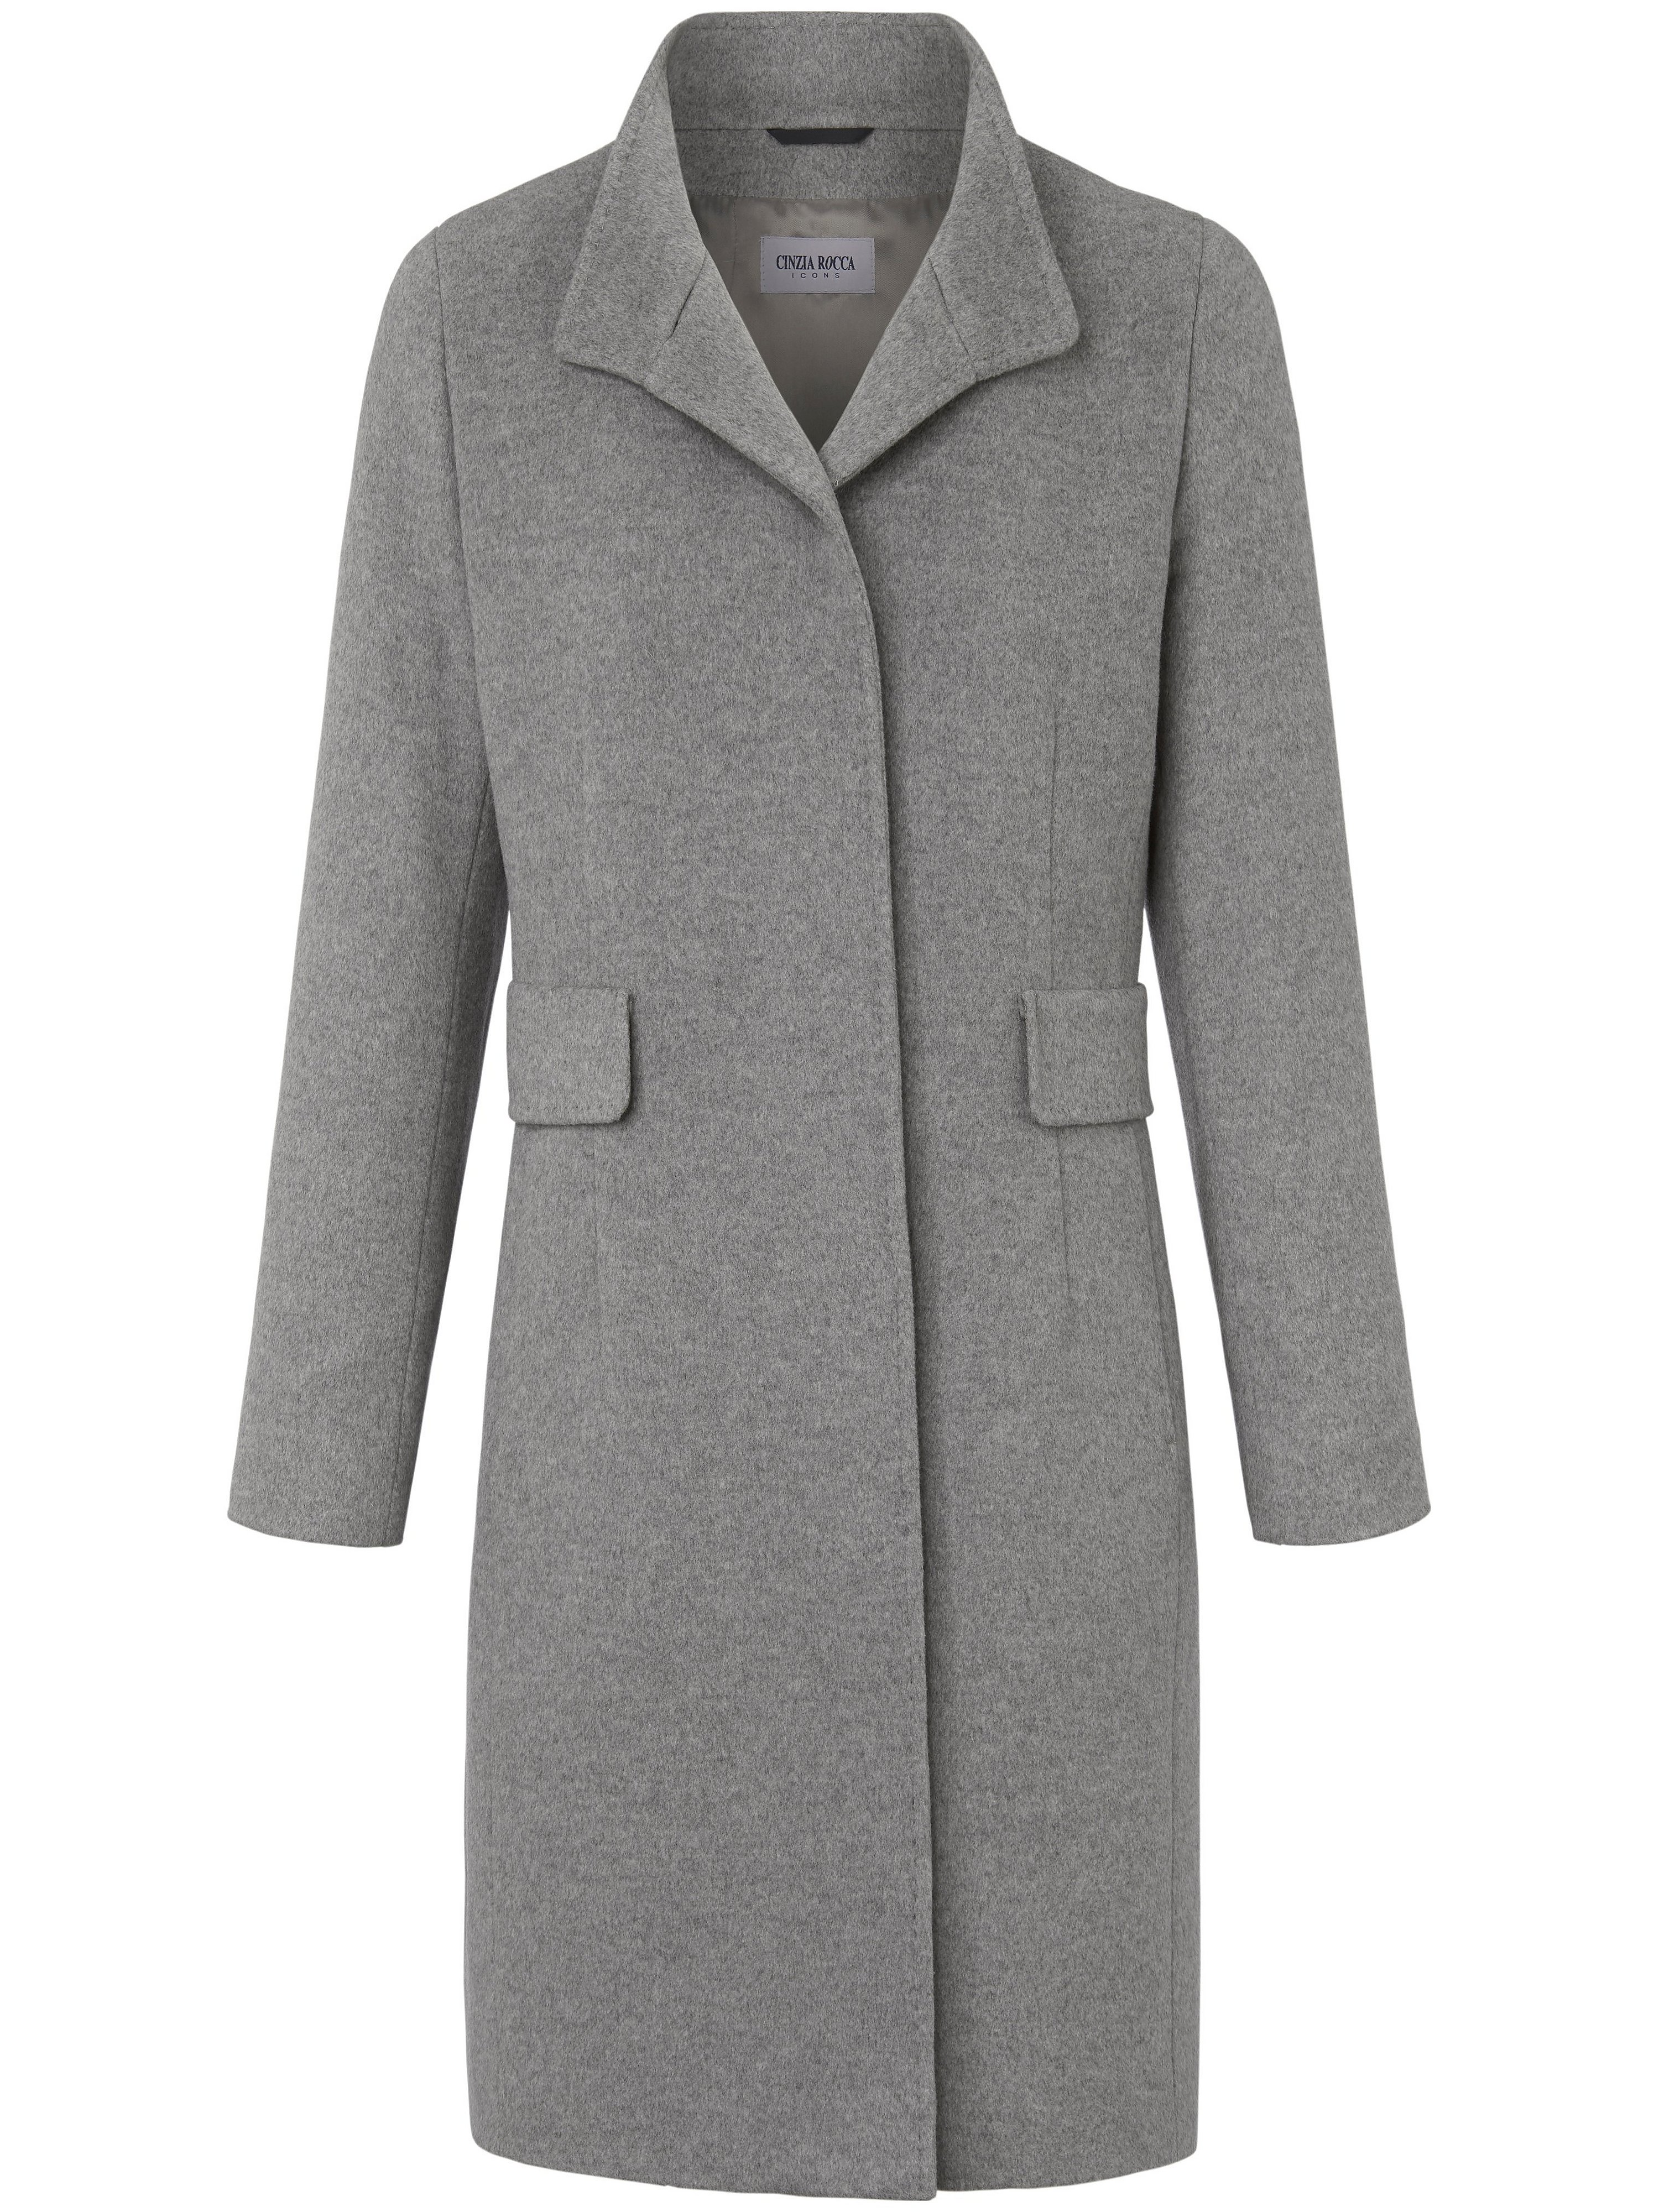 Le manteau  Cinzia Rocca Icons gris taille 50